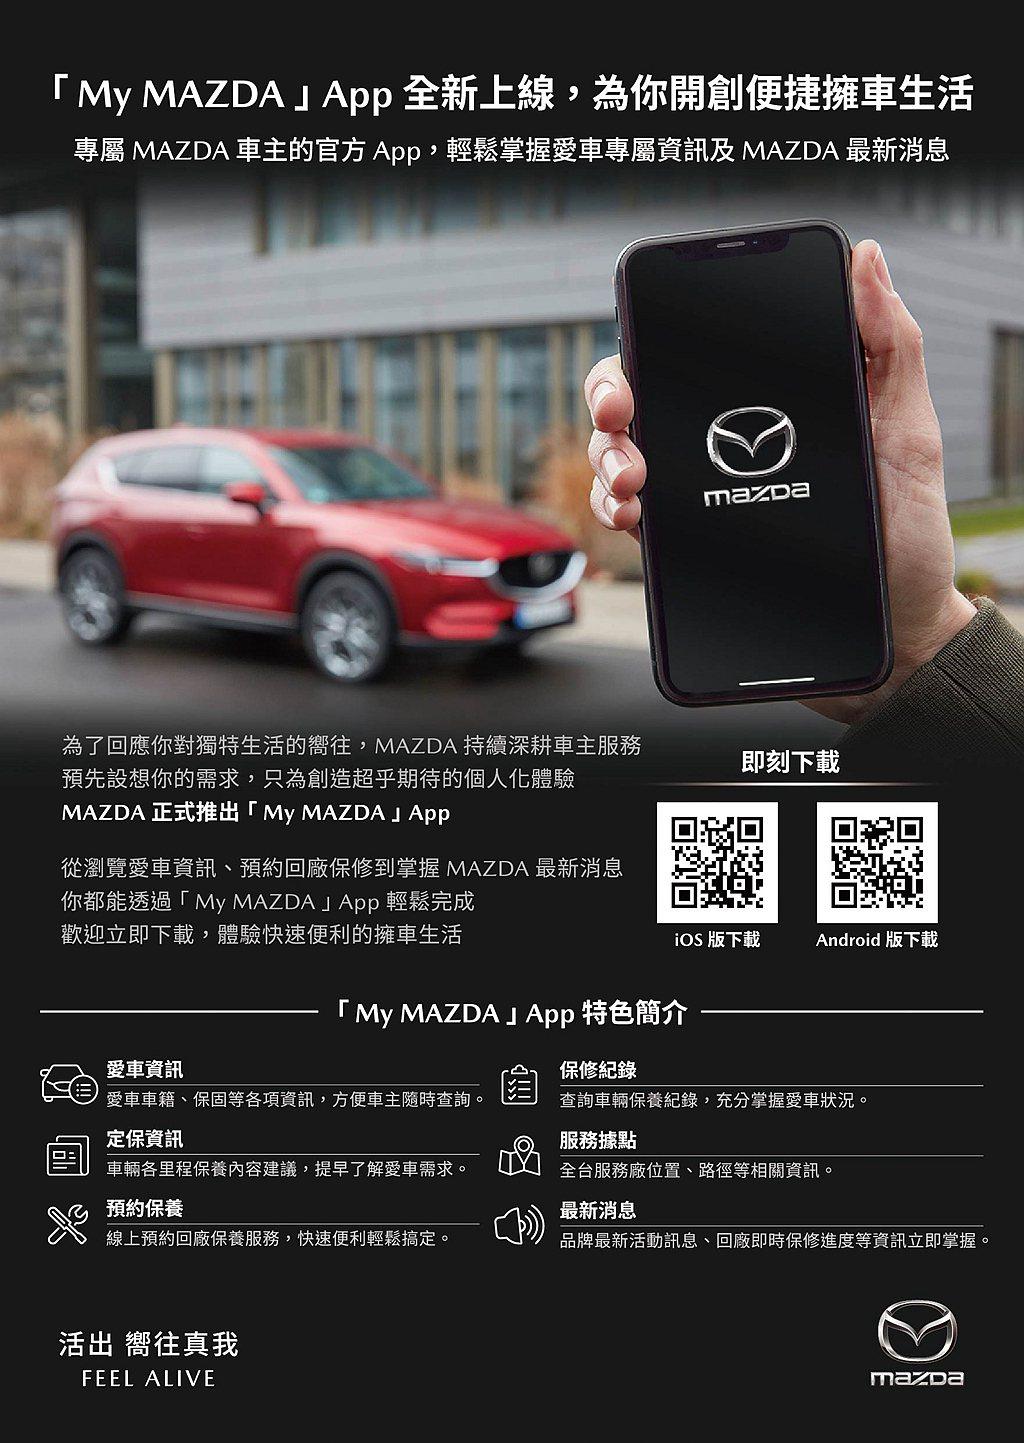 「My Mazda」車主專屬App,從瀏覽愛車資訊、查詢保修紀錄、預約回廠服務到...